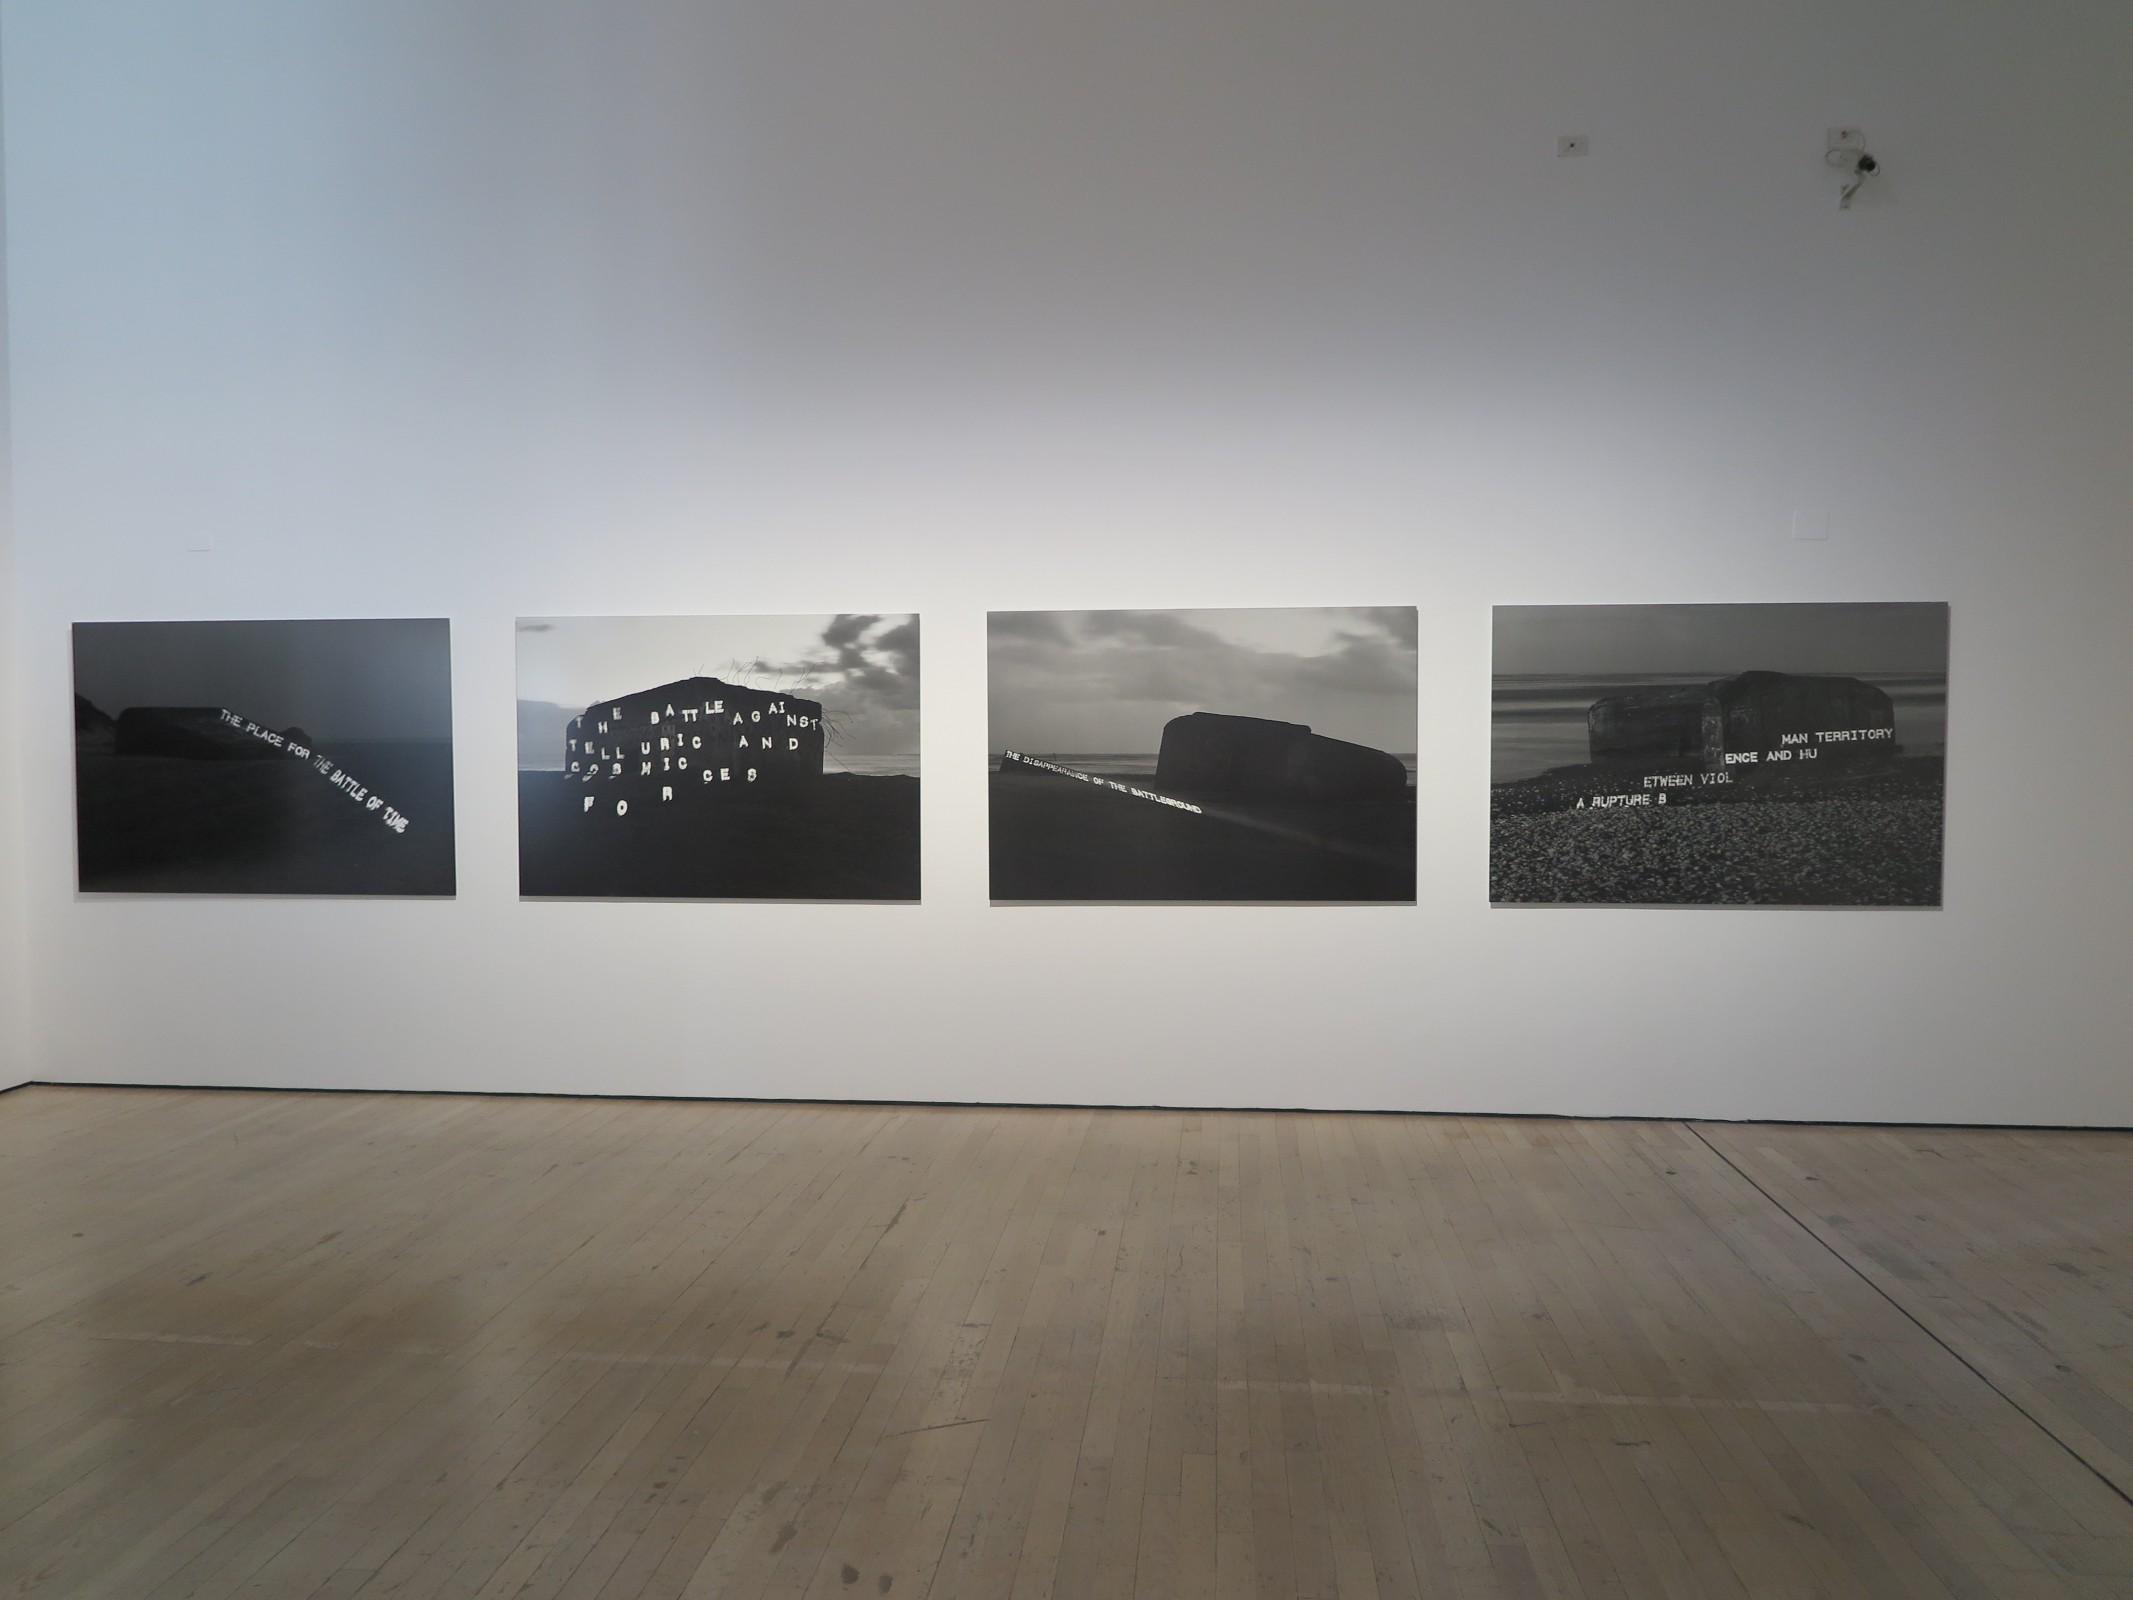 Magdalena Jetelova - Atlantic wall 2,1995